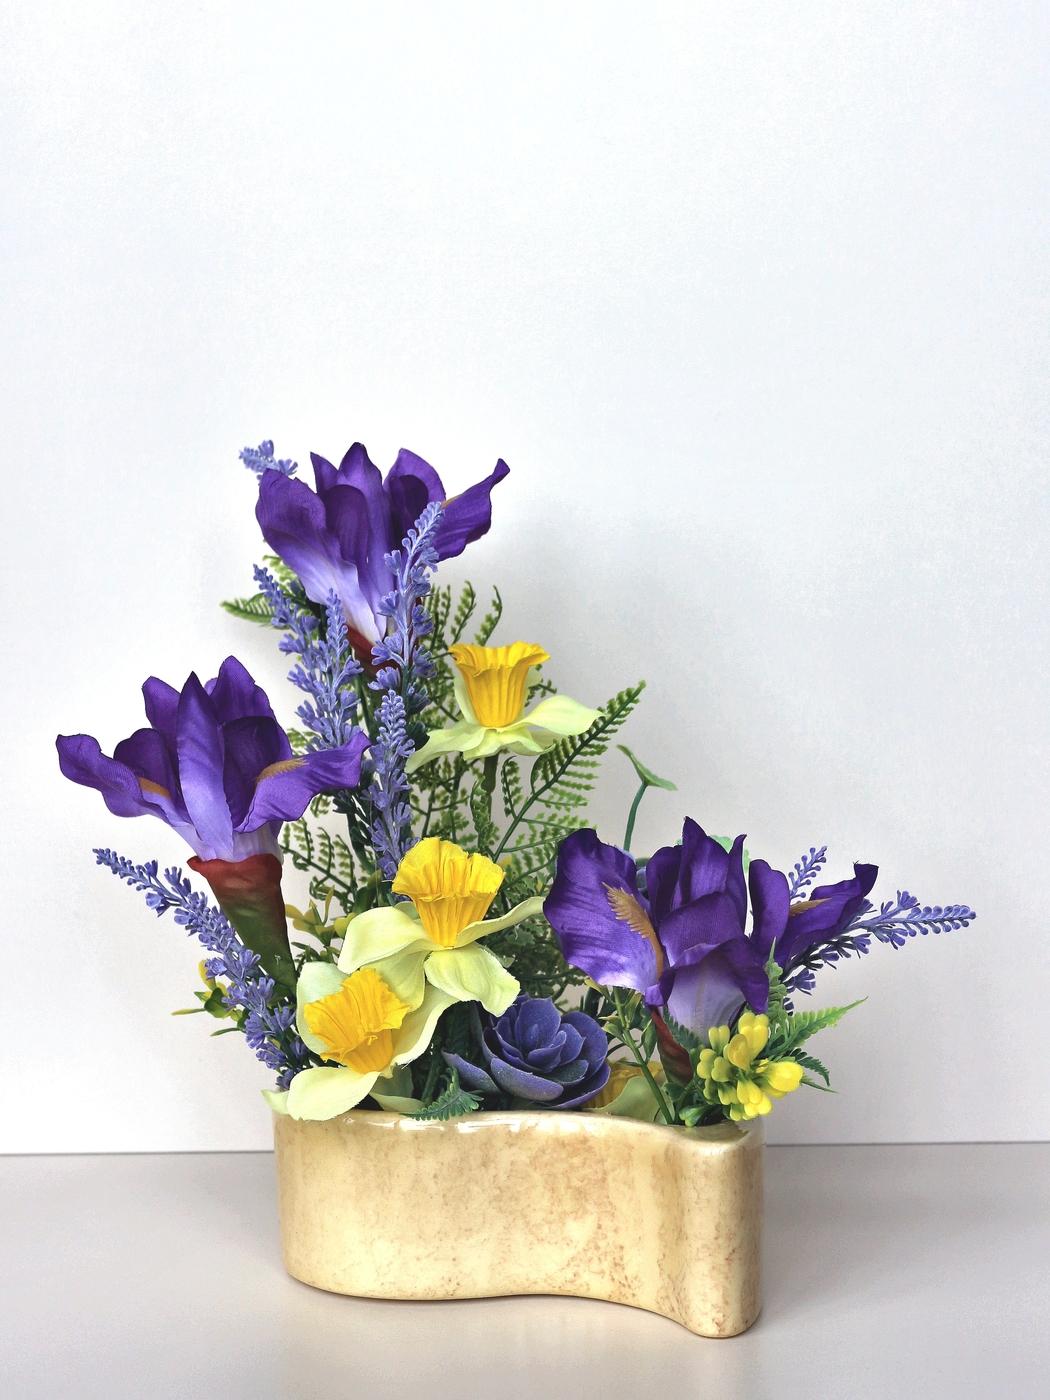 Делают свадебный, купить цветы магазин ирисы в киев